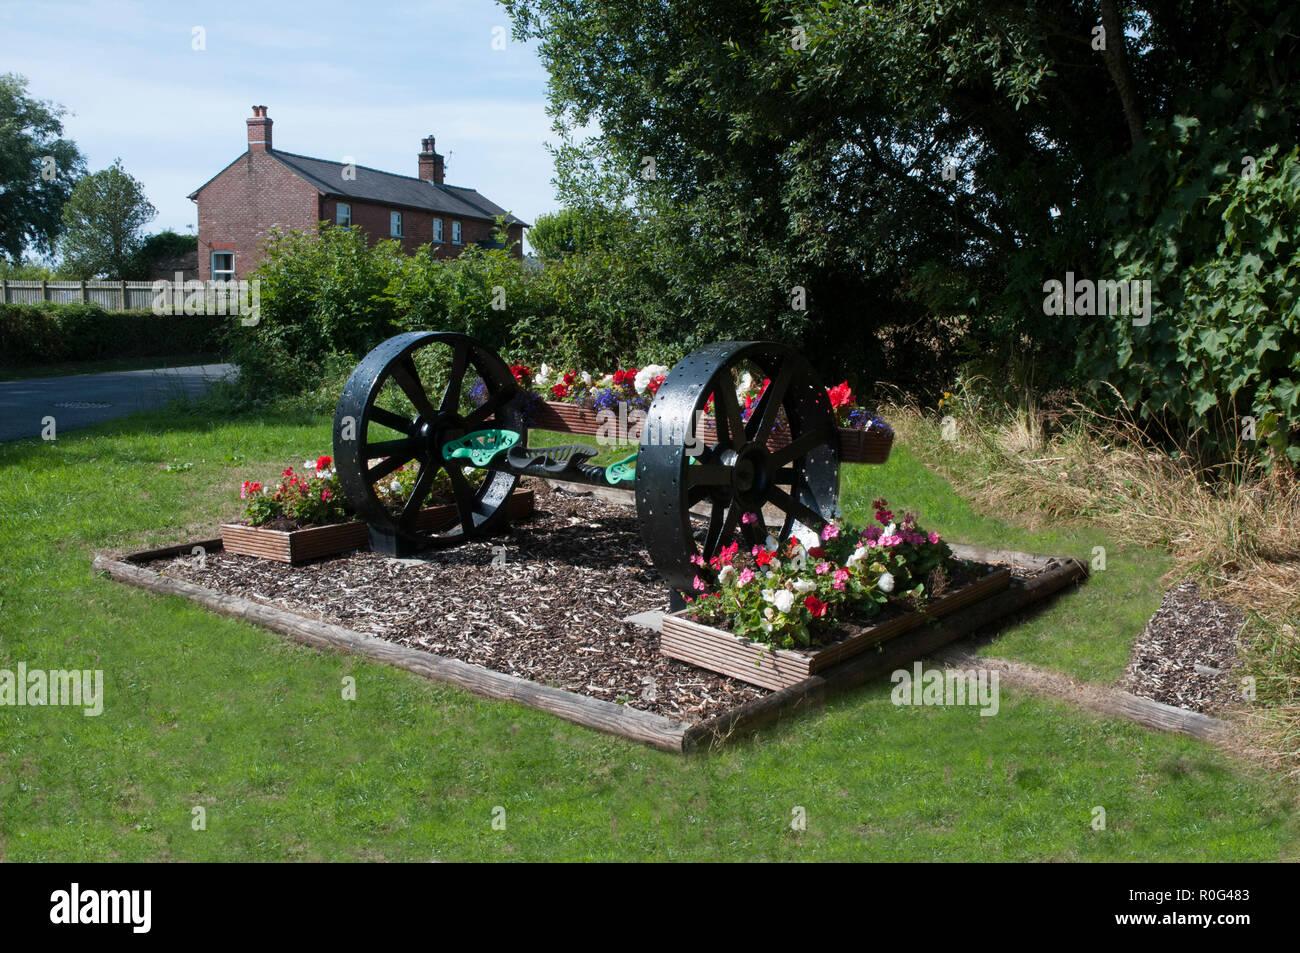 Fleurs en bordure de bégonias et géraniums avec un outillage agricole comme un élément central.Stalmine village BlackpooL Lancashire England UK Photo Stock